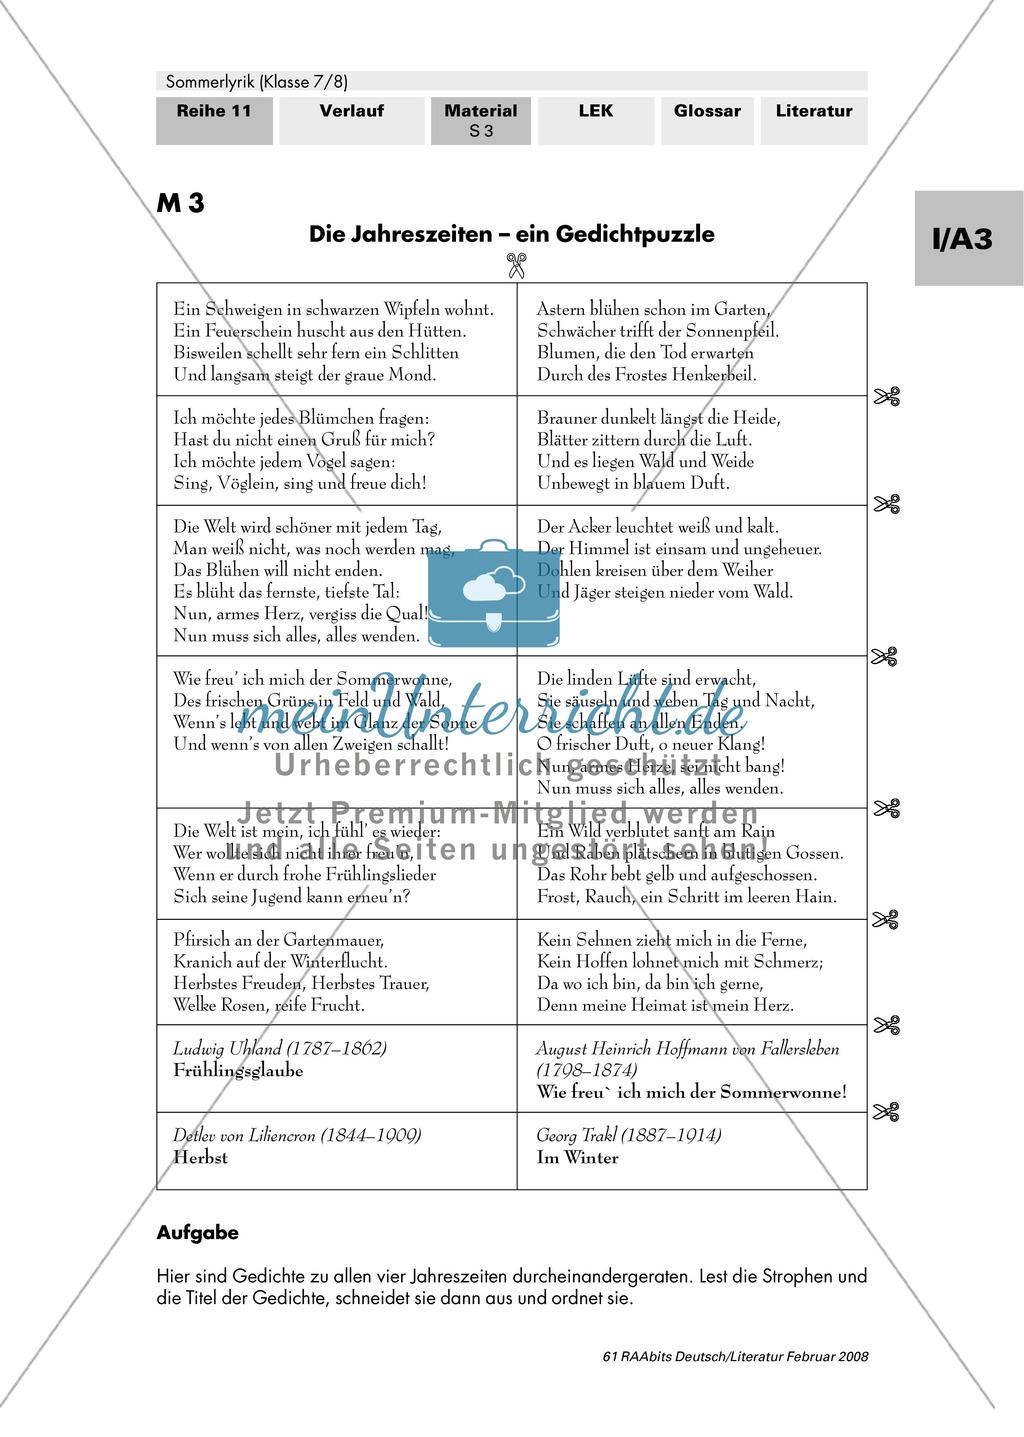 Sommerlyrik: Einführung in das Thema - Fachbegriffe zur Analyse von Gedichten Preview 2